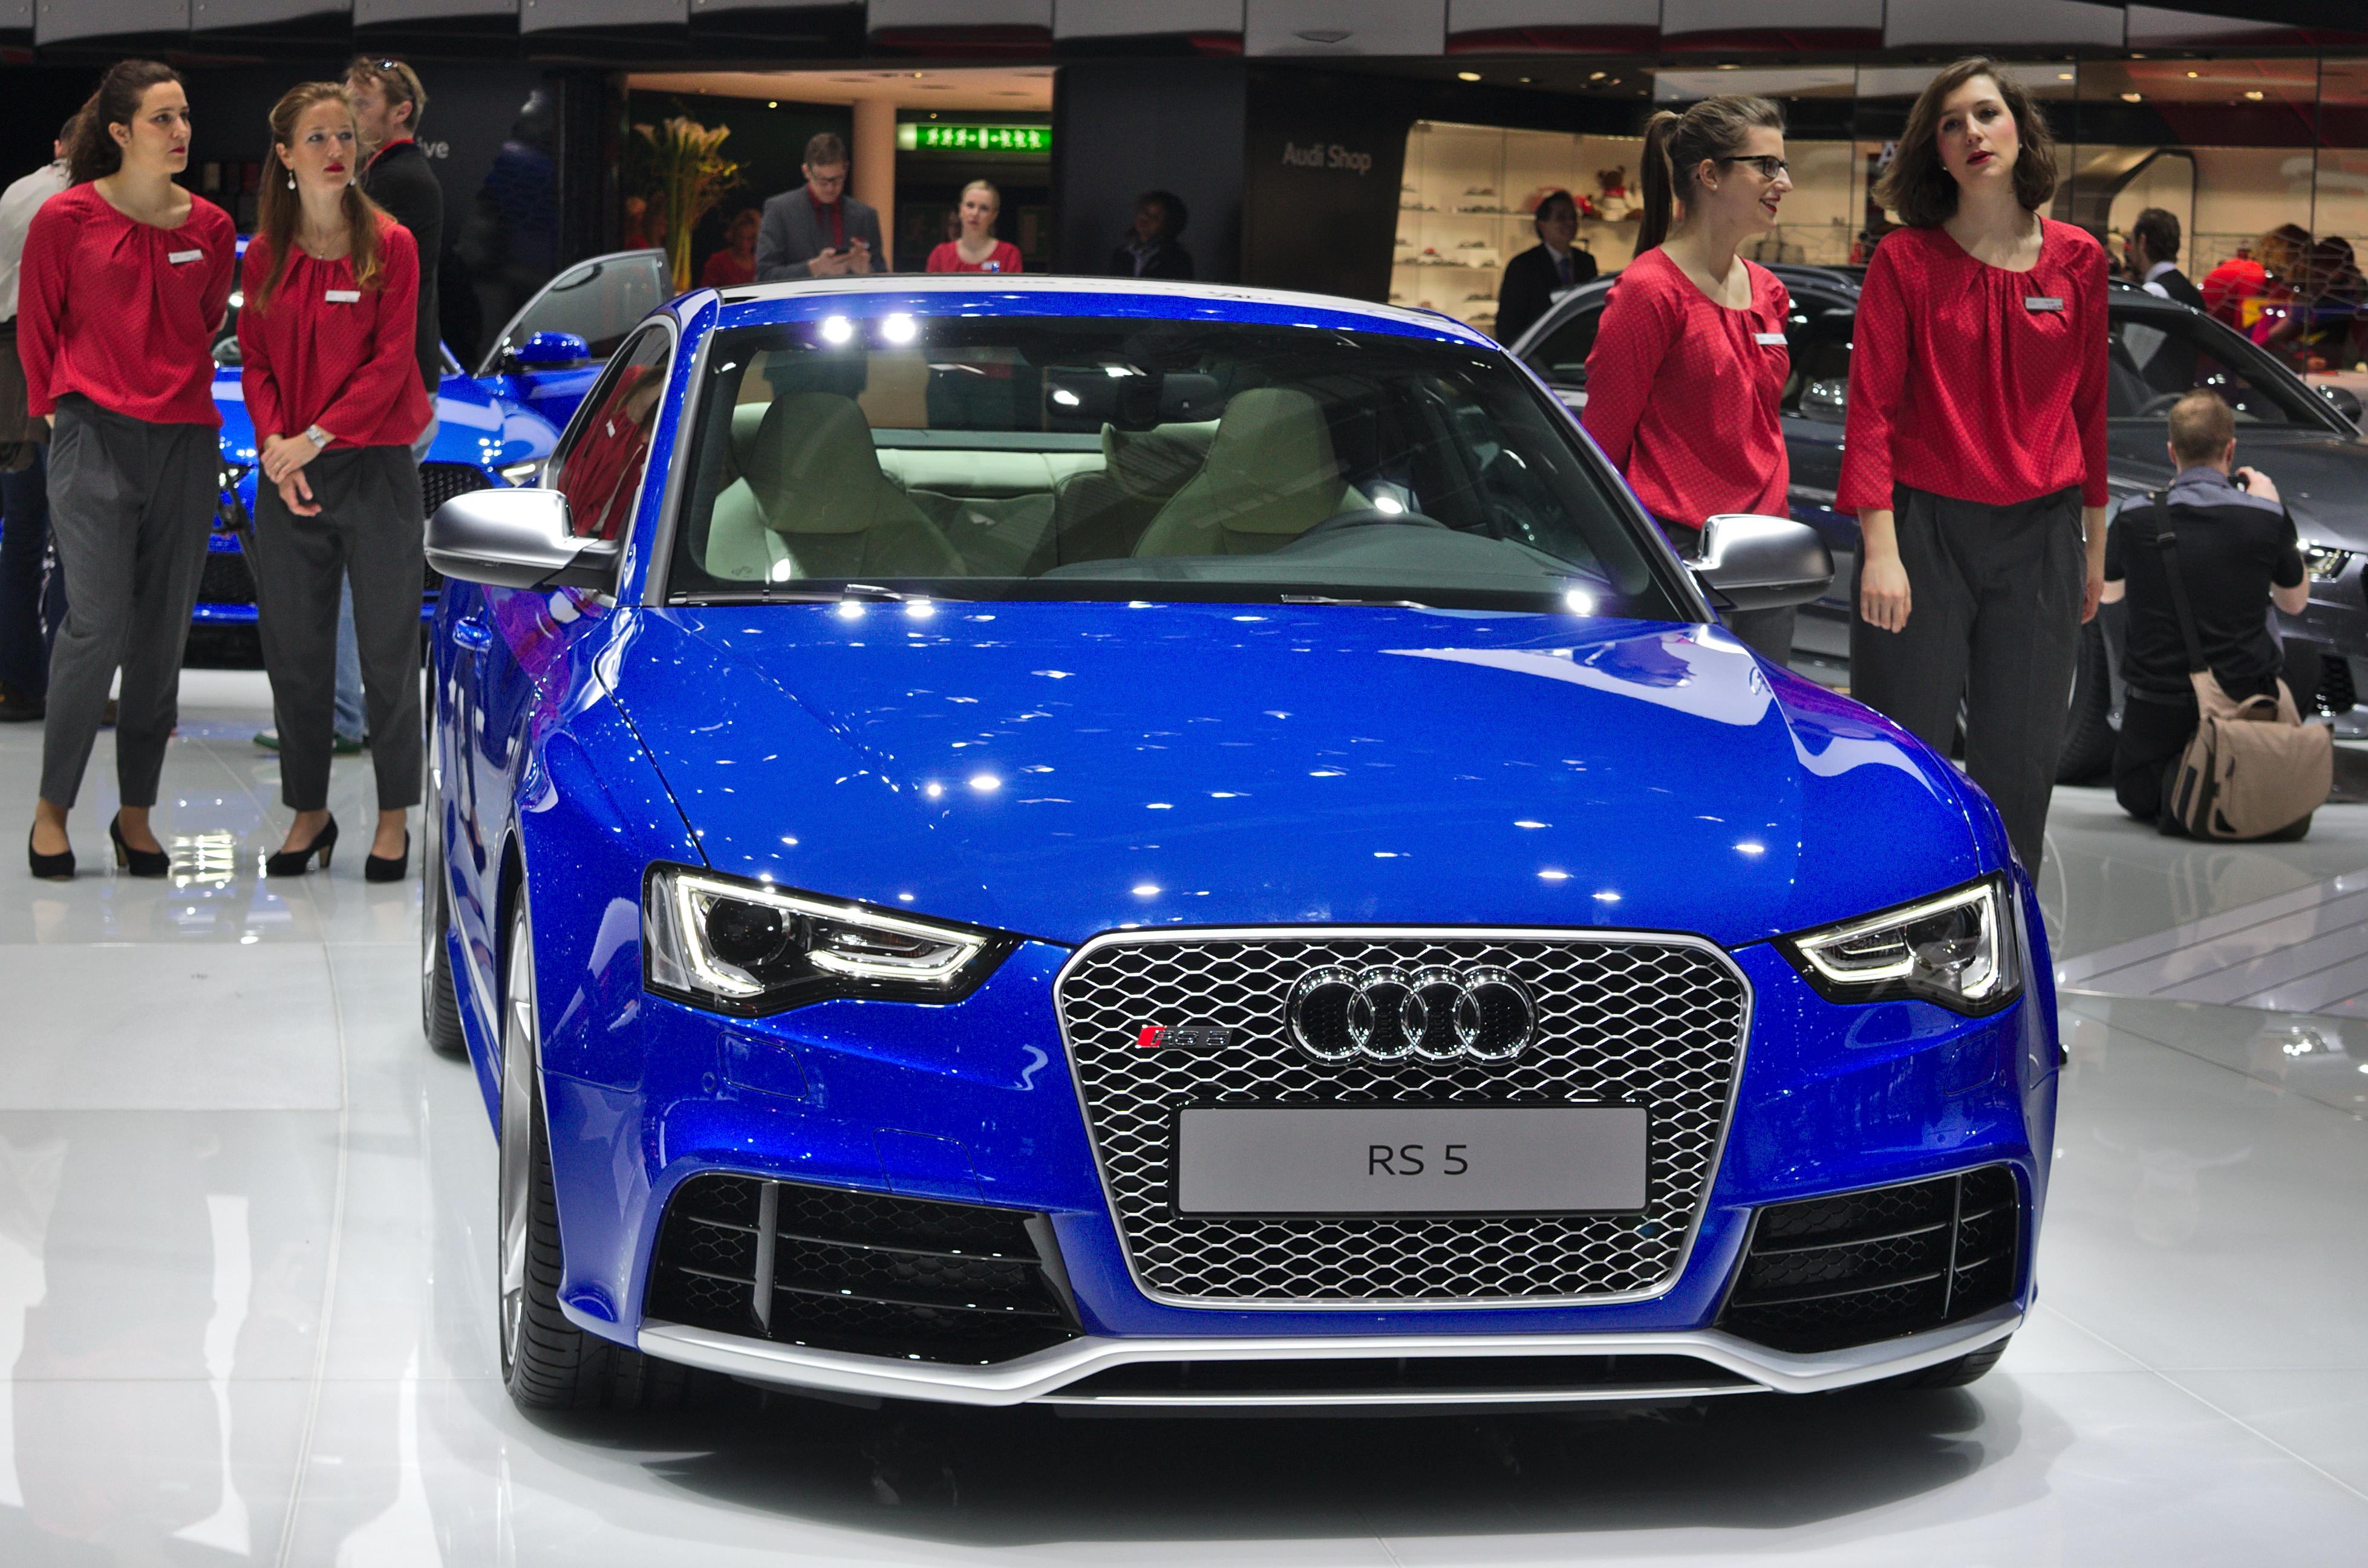 Audi rs5 wikipedia english 10